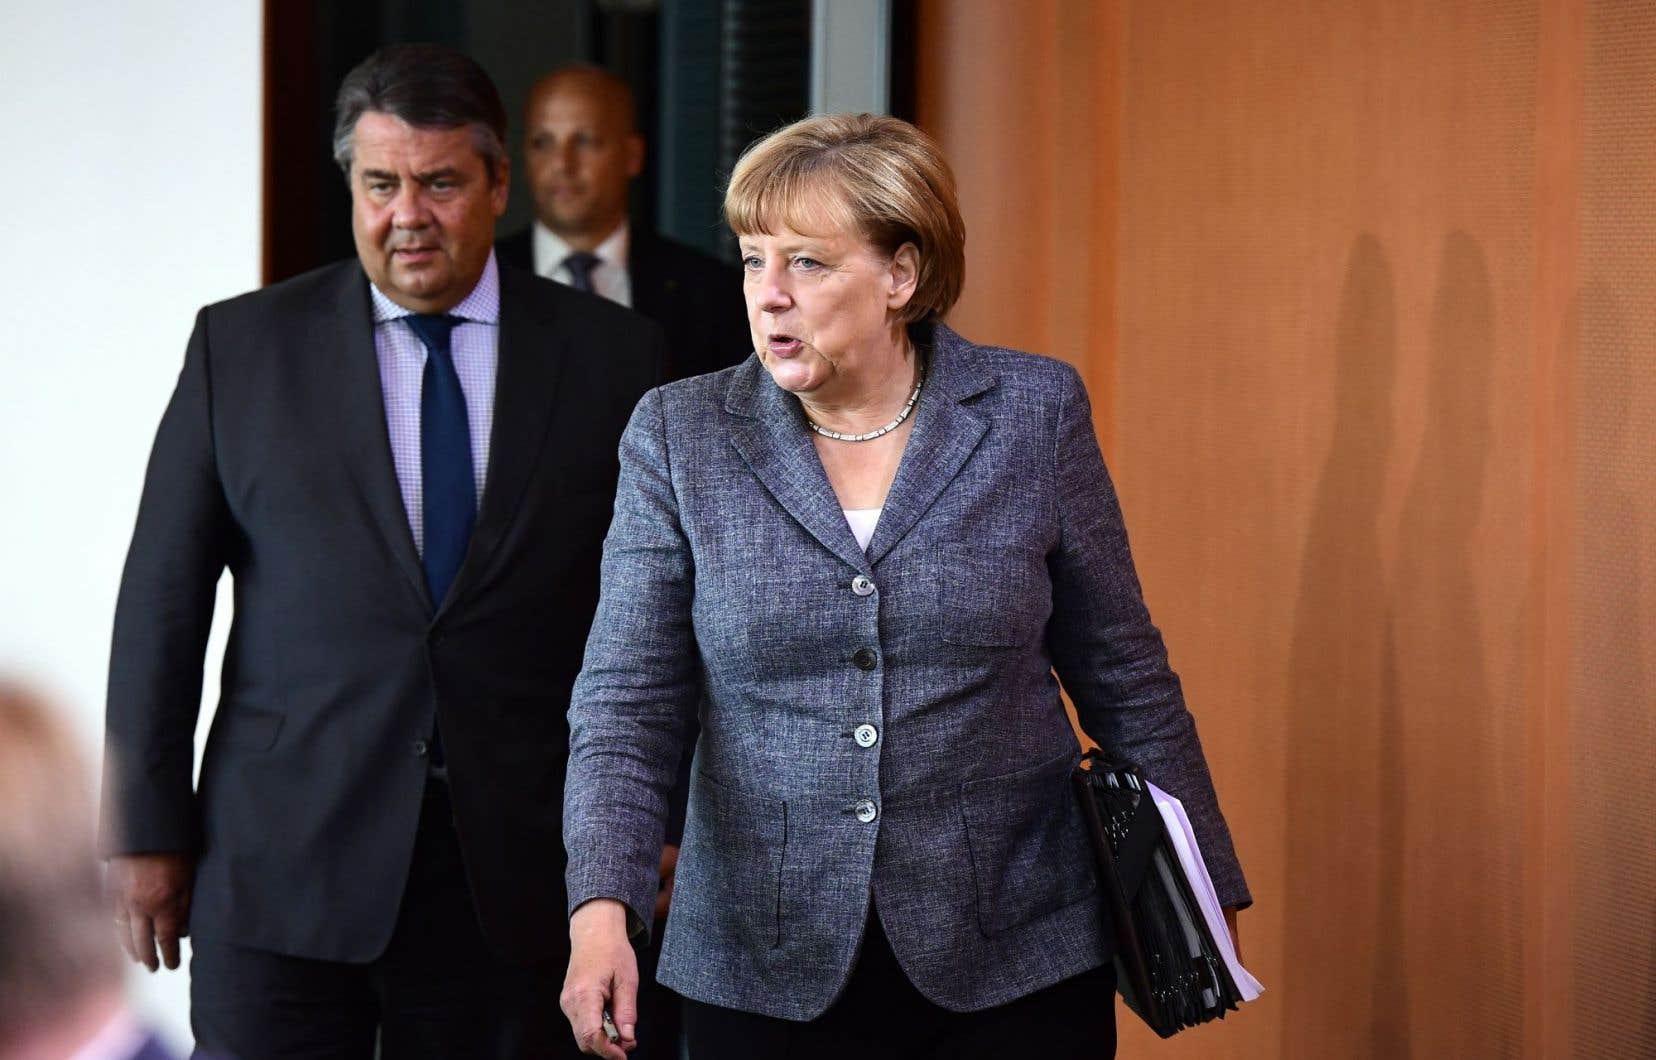 Le ministre de l'Économie Sigmar Gabriel avec la chancelière allemande, Angela Merkel